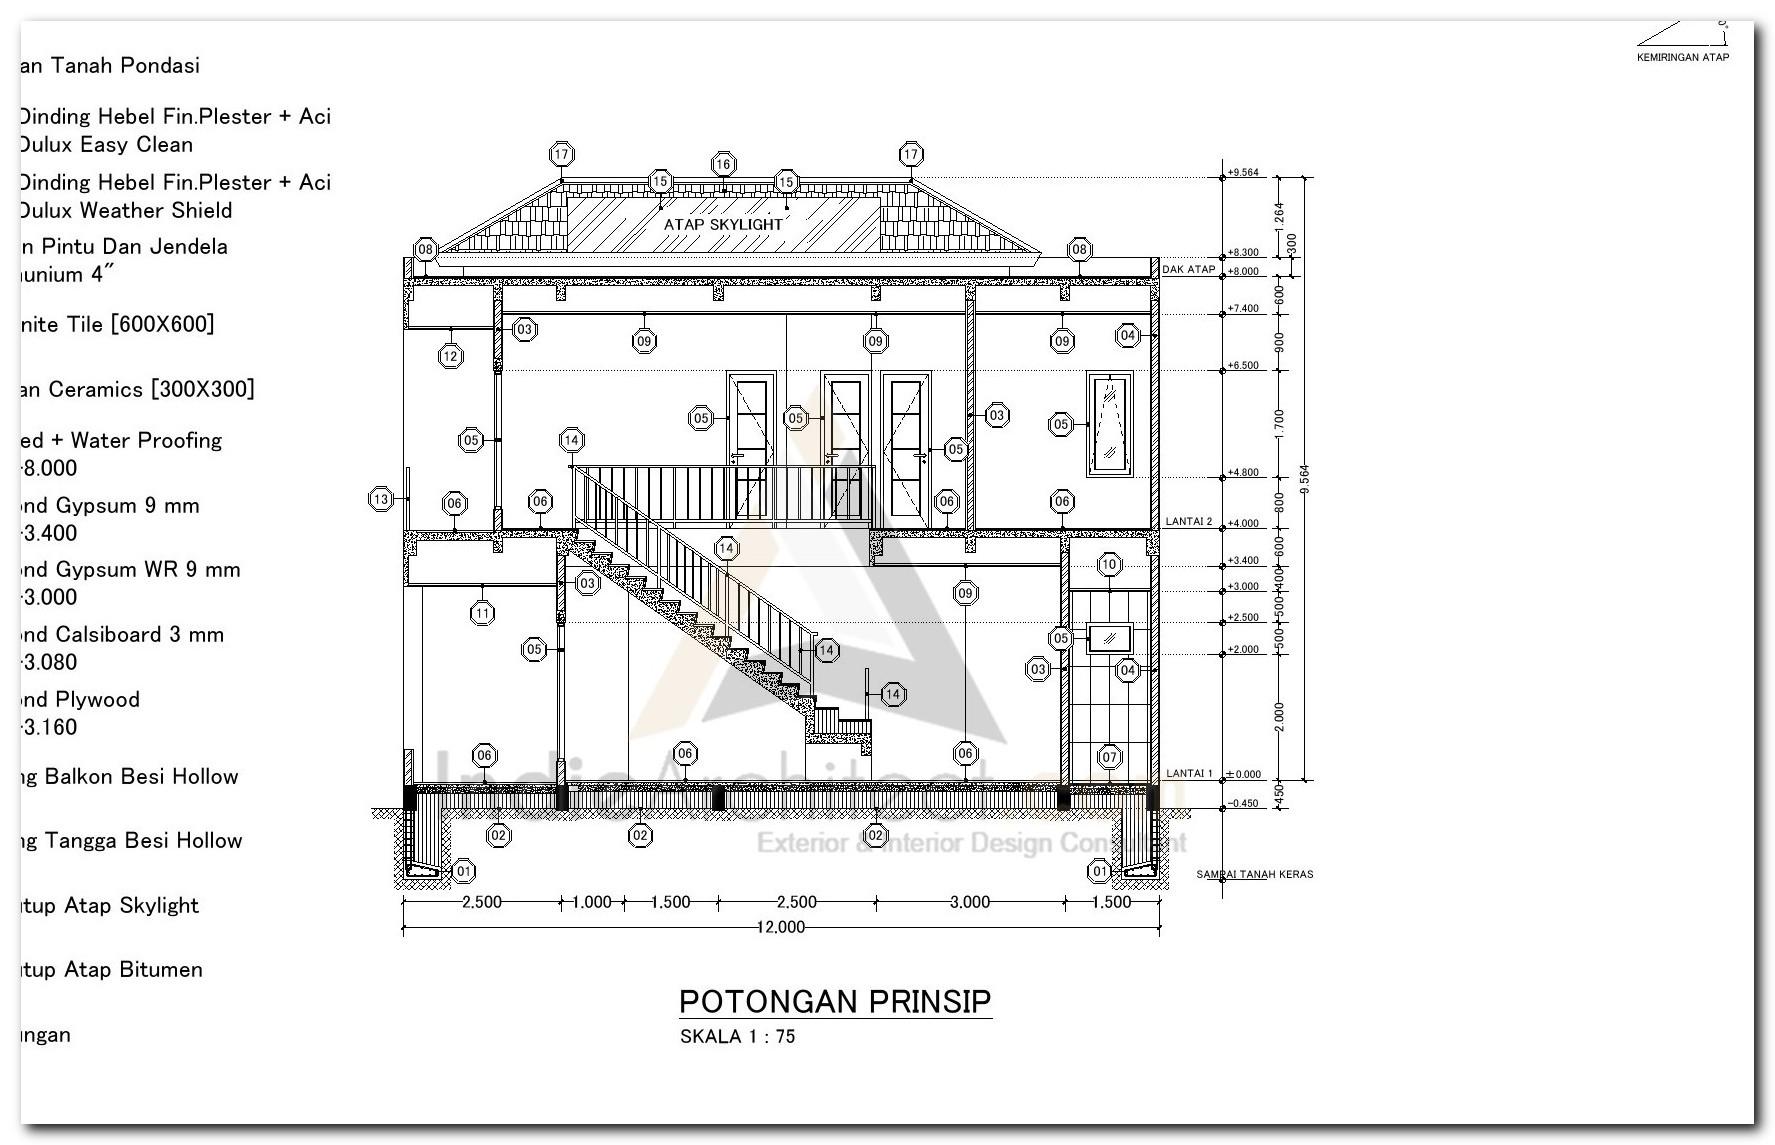 Download Gambar Kerja Potongan Prinsip Rumah 2 Lantai Indie Architect